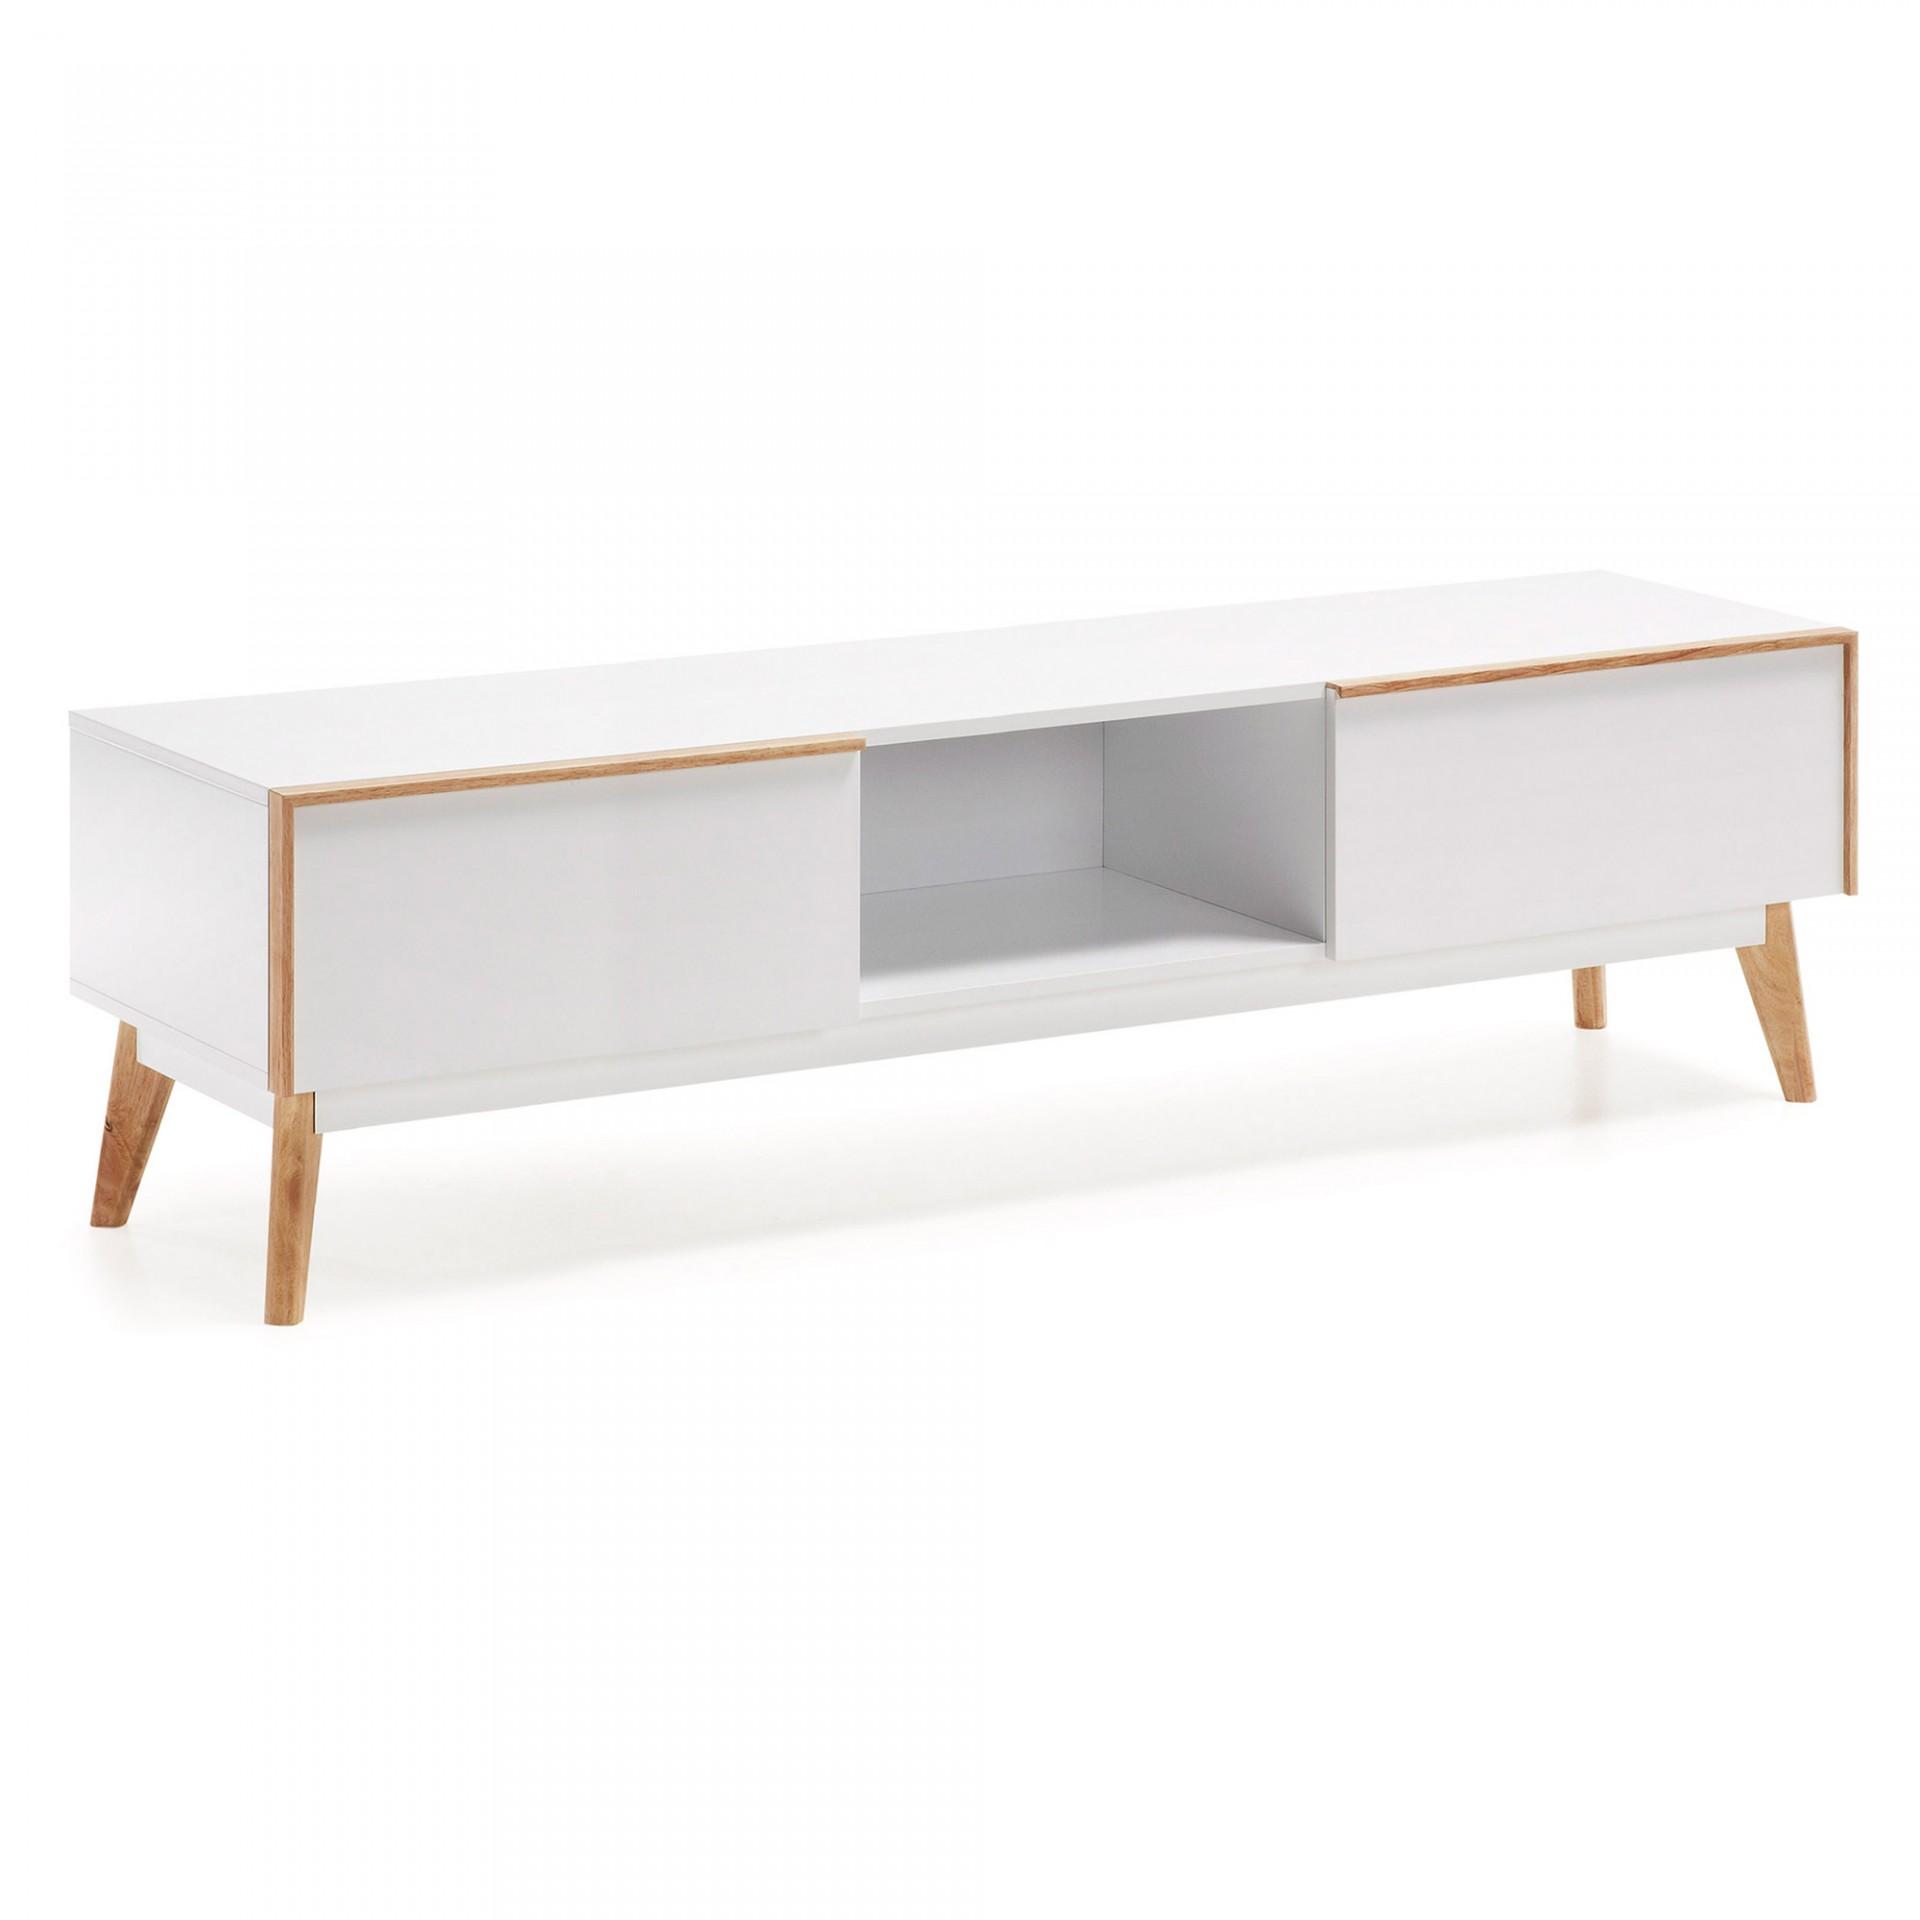 Móvel TV Melon, madeira de carvalho/MDF lacado, 150x45